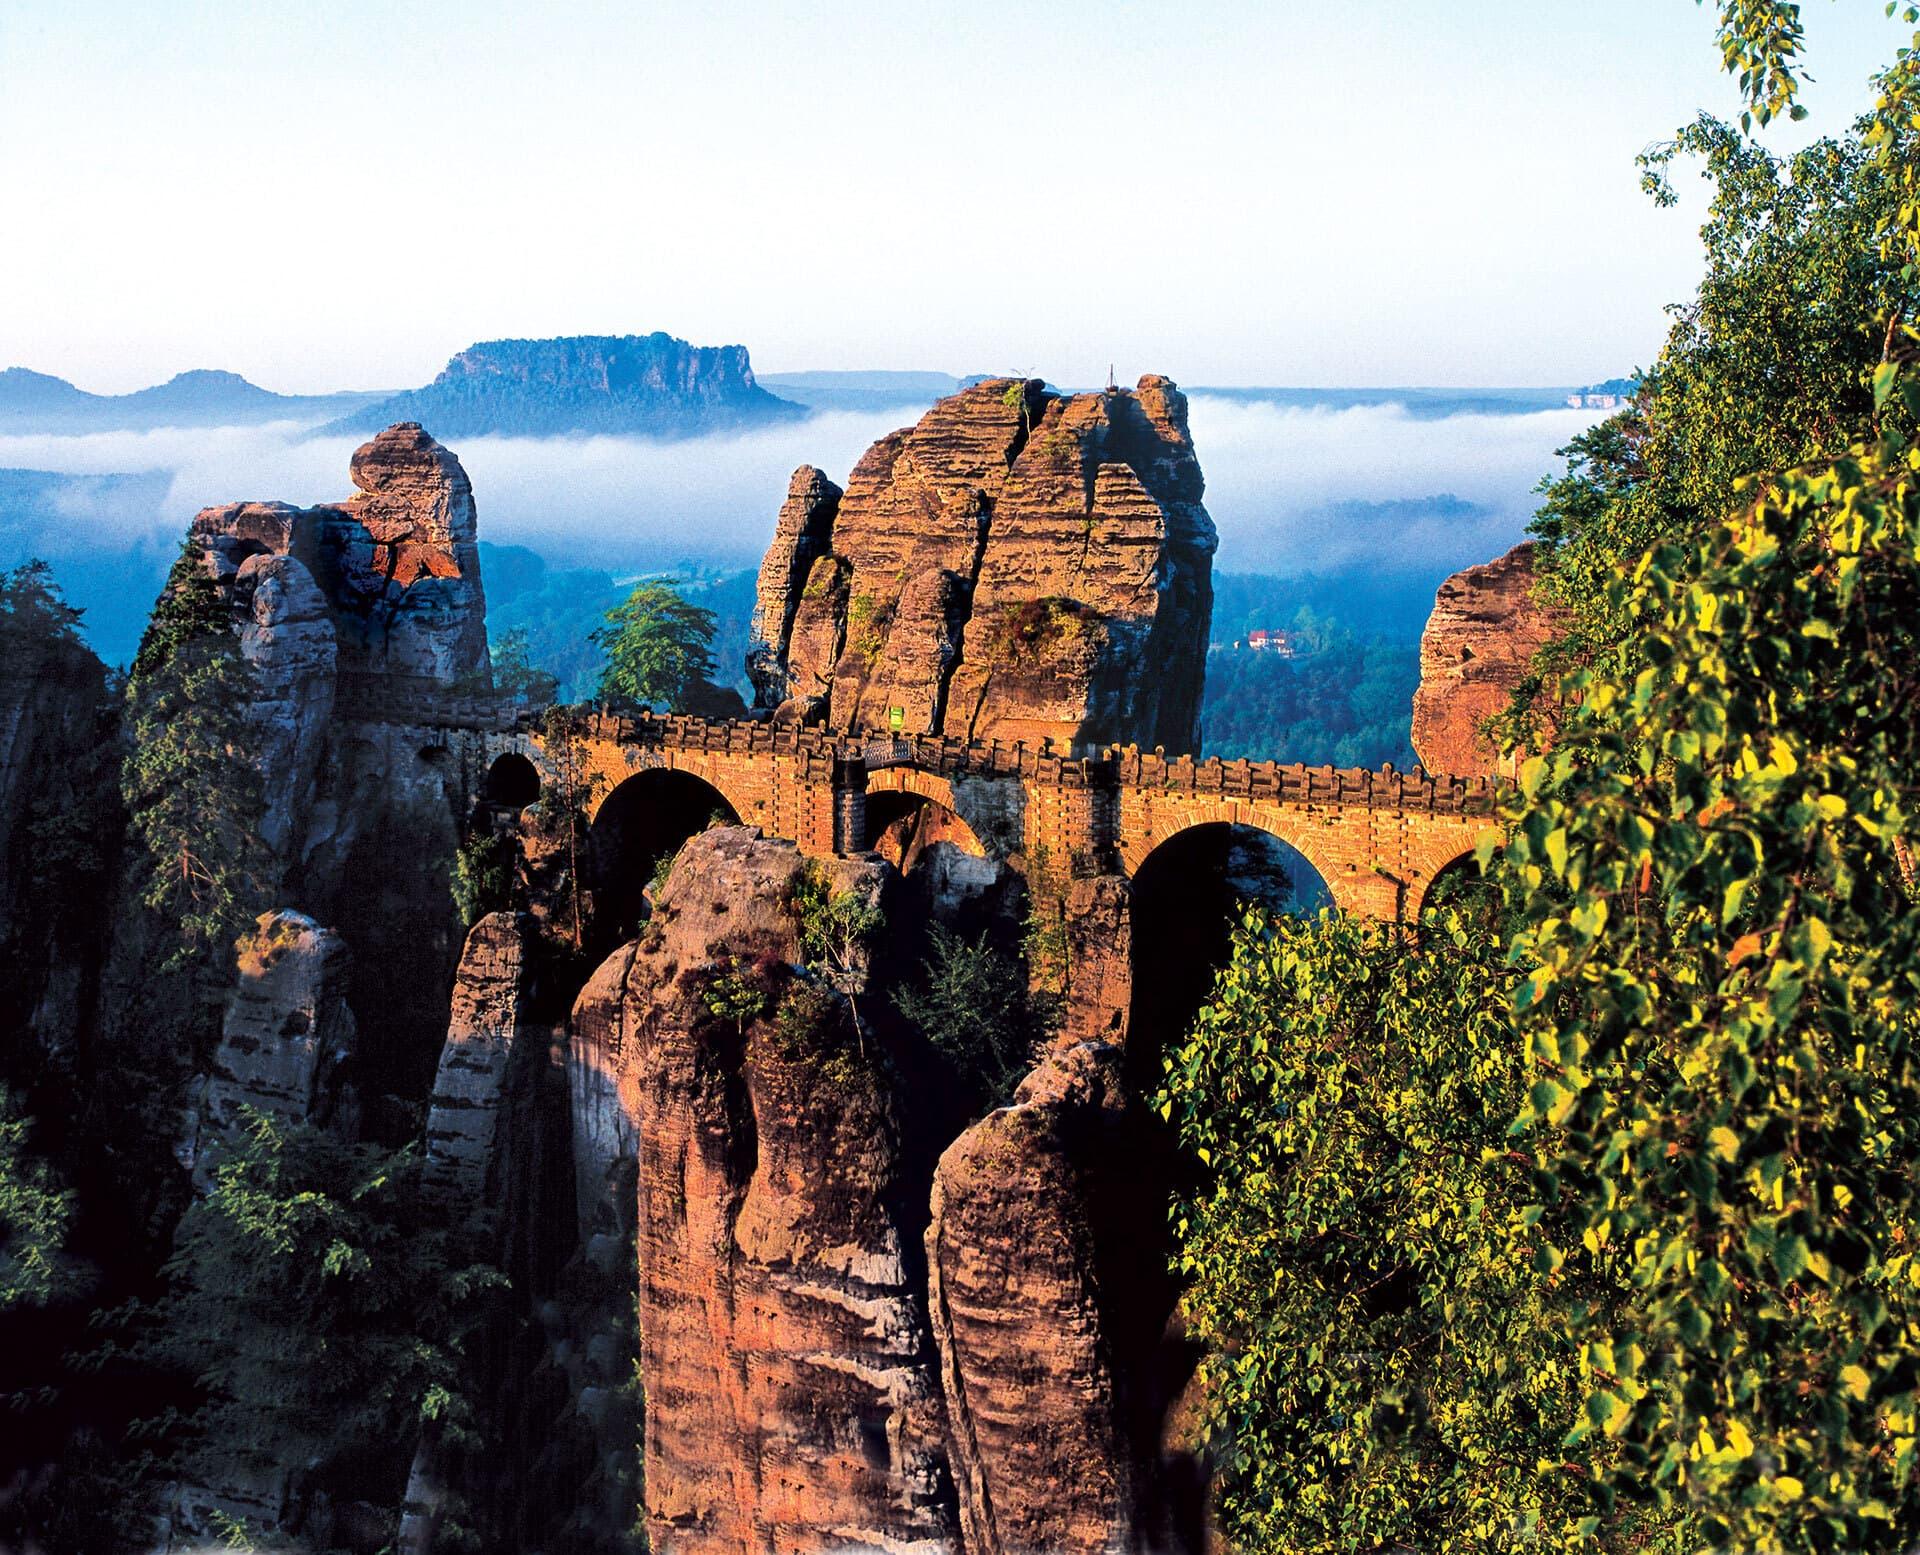 Die Basteibrücke im Elbsandsteingebirge.